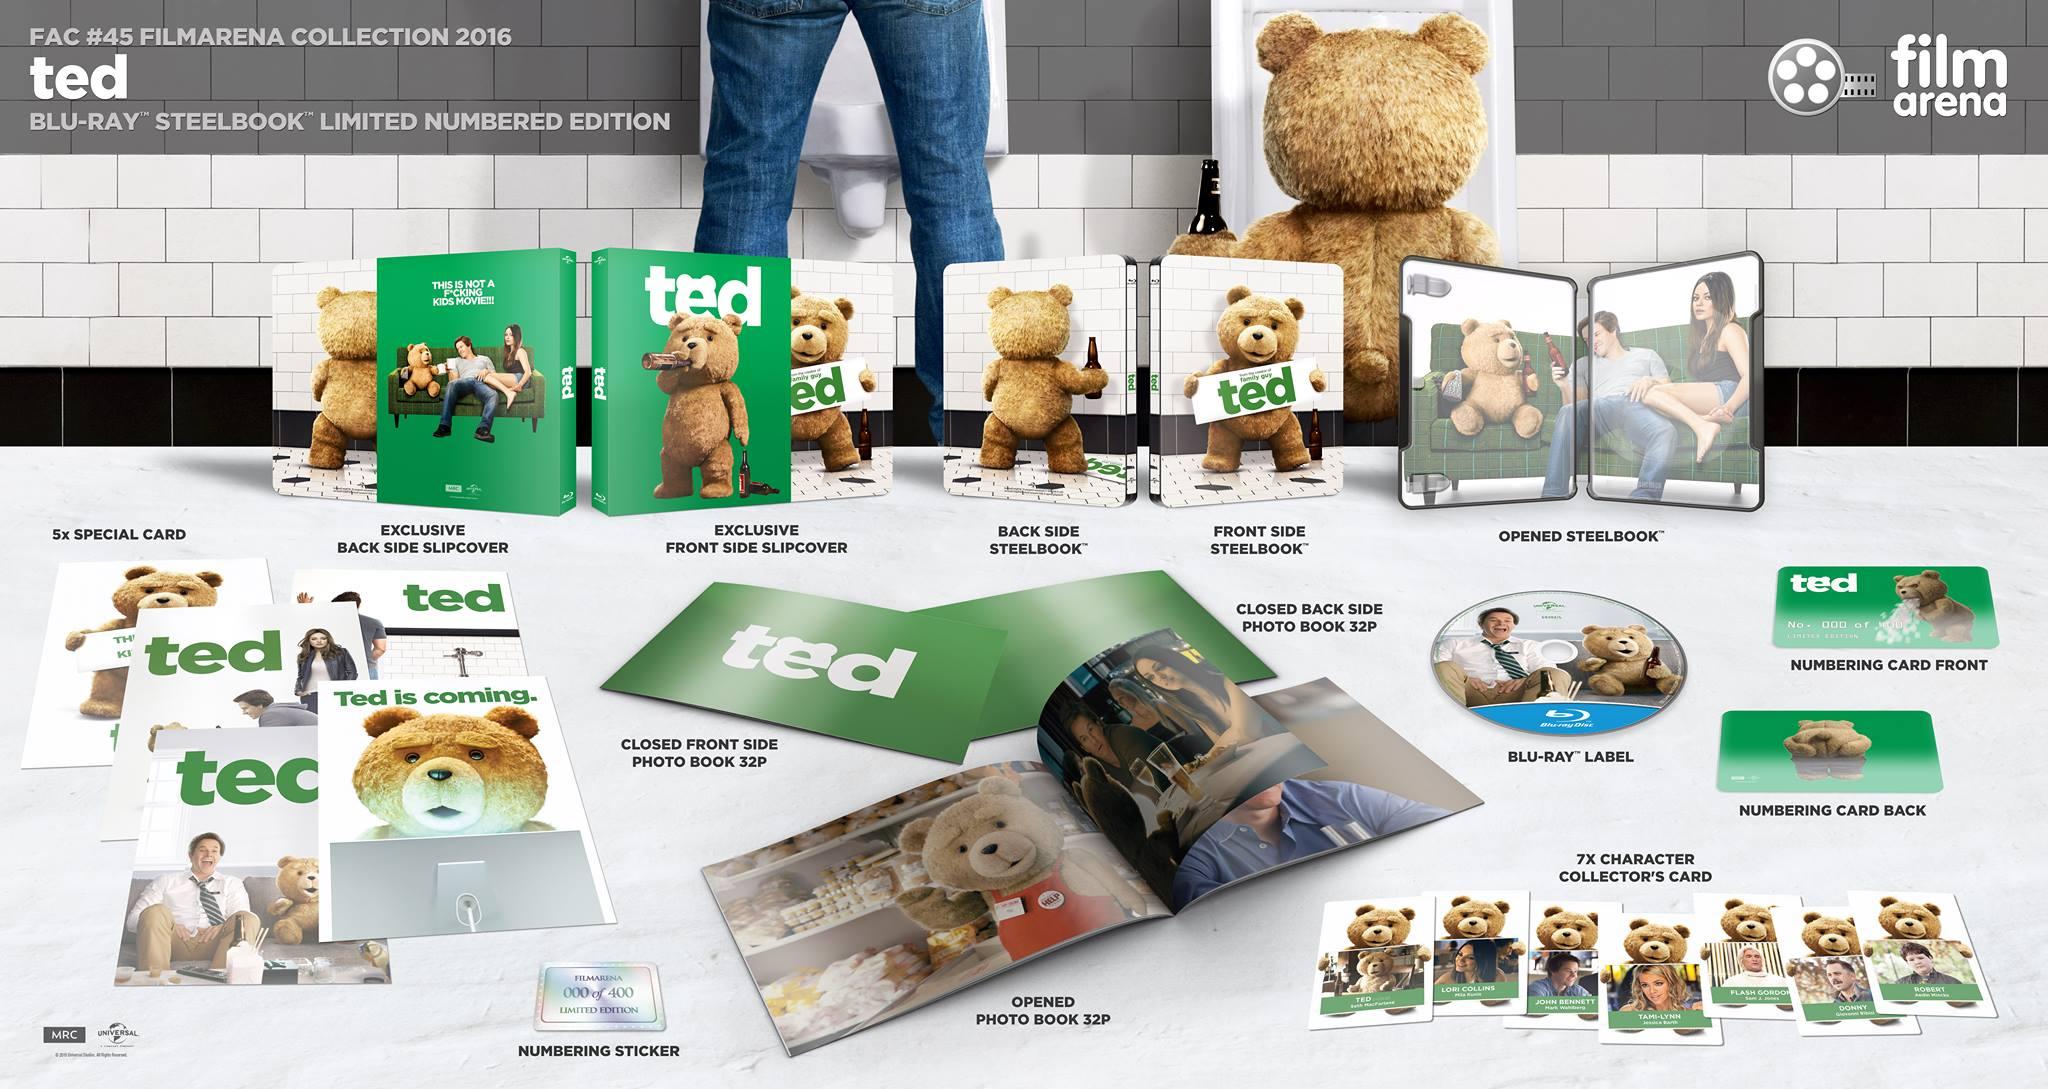 Ted steelbook filmarena